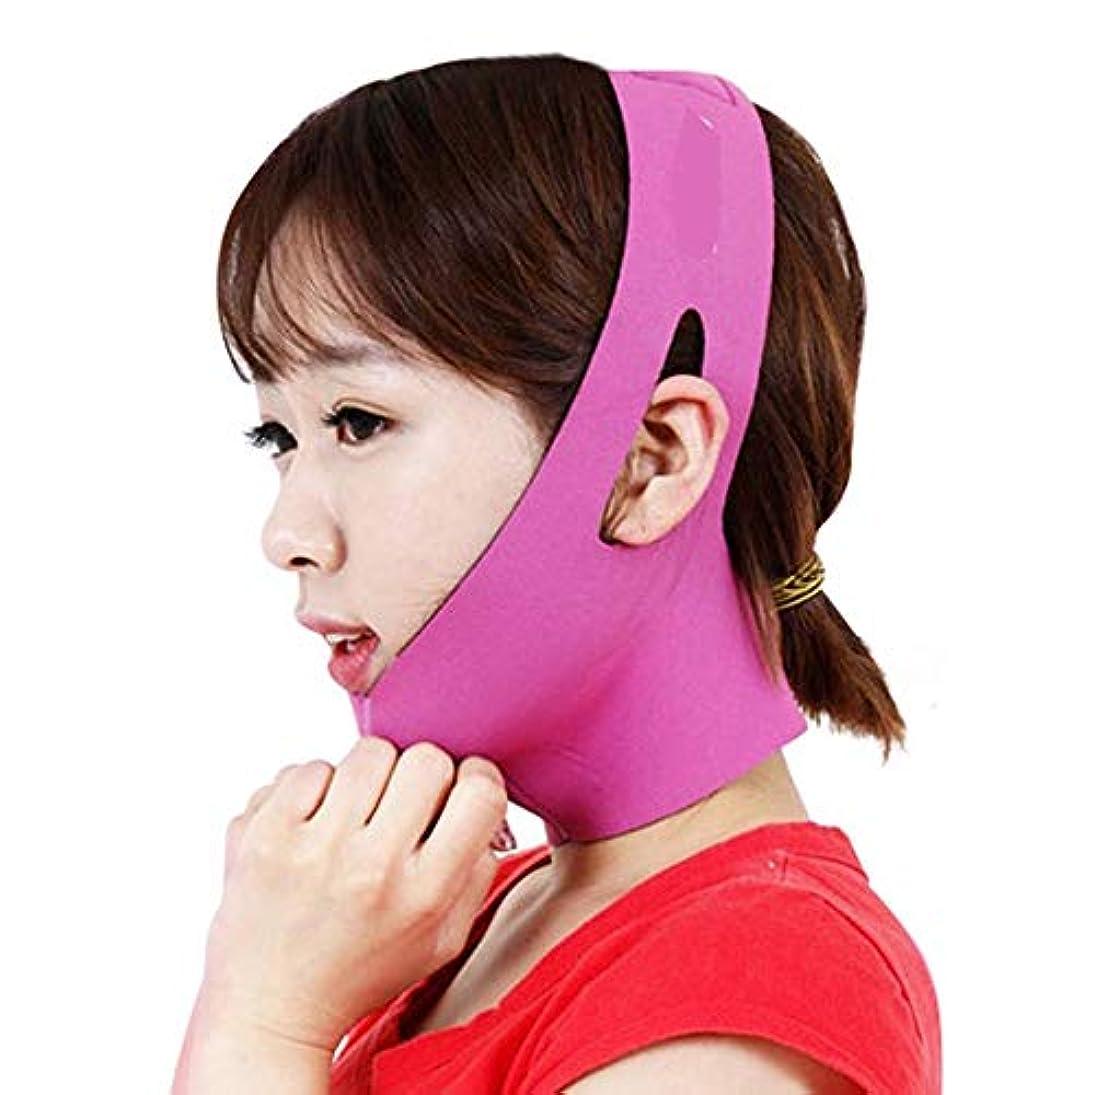 Jia Jia- フェイシャルリフティング痩身ベルト圧縮二重あご減量ベルトスキンケア薄い顔包帯二重あごワークアウト 顔面包帯 (色 : ピンク)